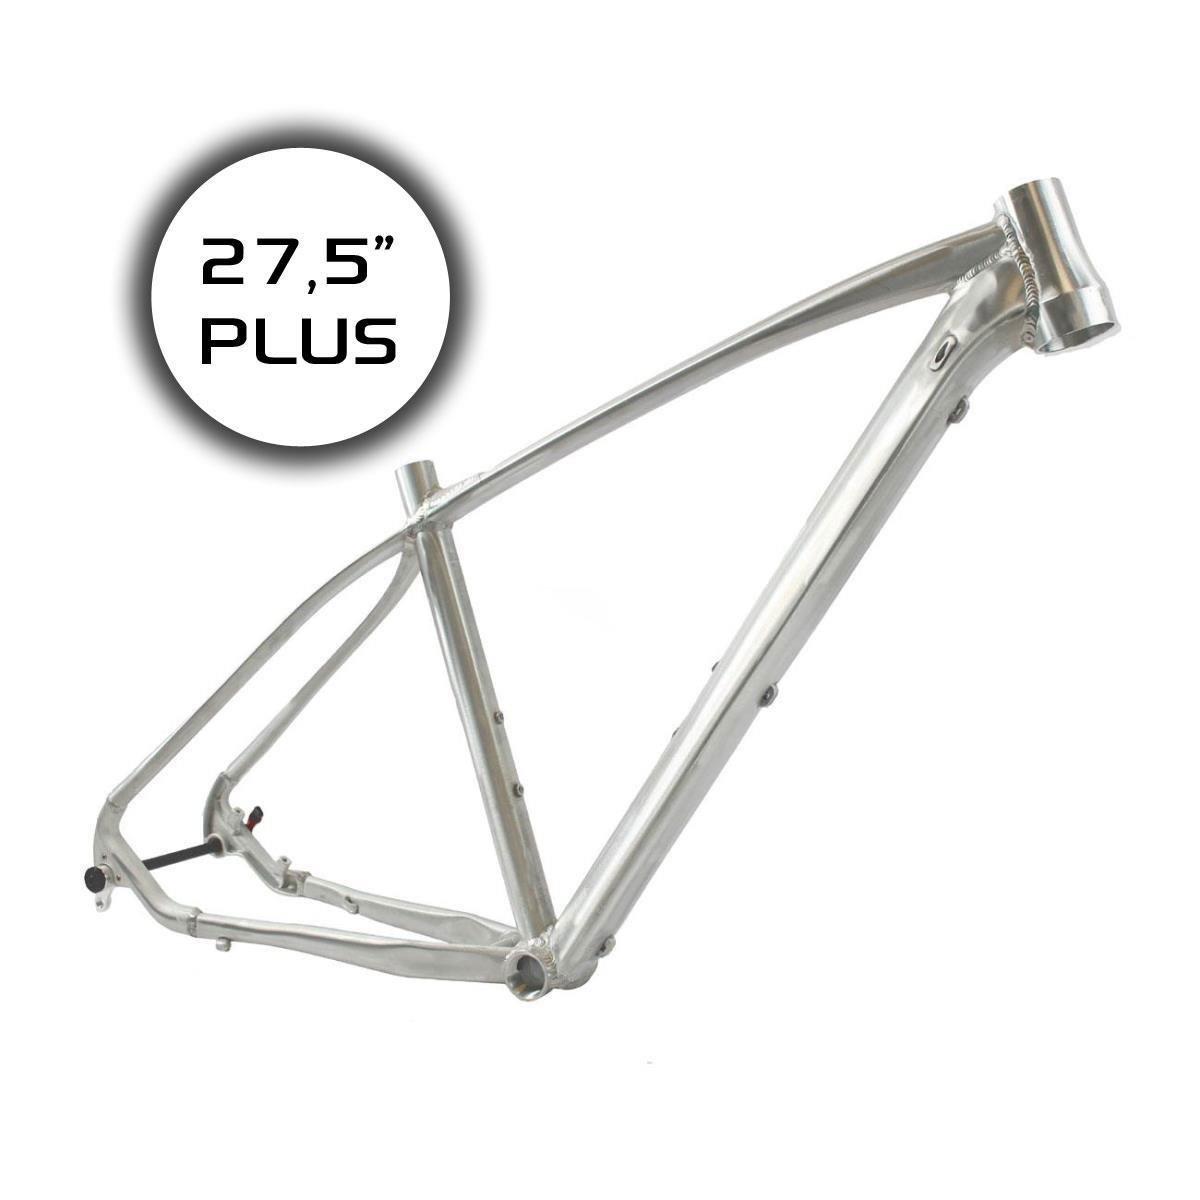 RIDEWILL BIKE MTB marco aluminio 27.5plus PP12mm 1–1/81.5 BSA tamaño 40(MTB)/MTB marco 27, 5Plus Thru Eje 12mm Alu 1–1/81, 5 BSA Szie 40(MTB) 5 BSA Szie 40(MTB)